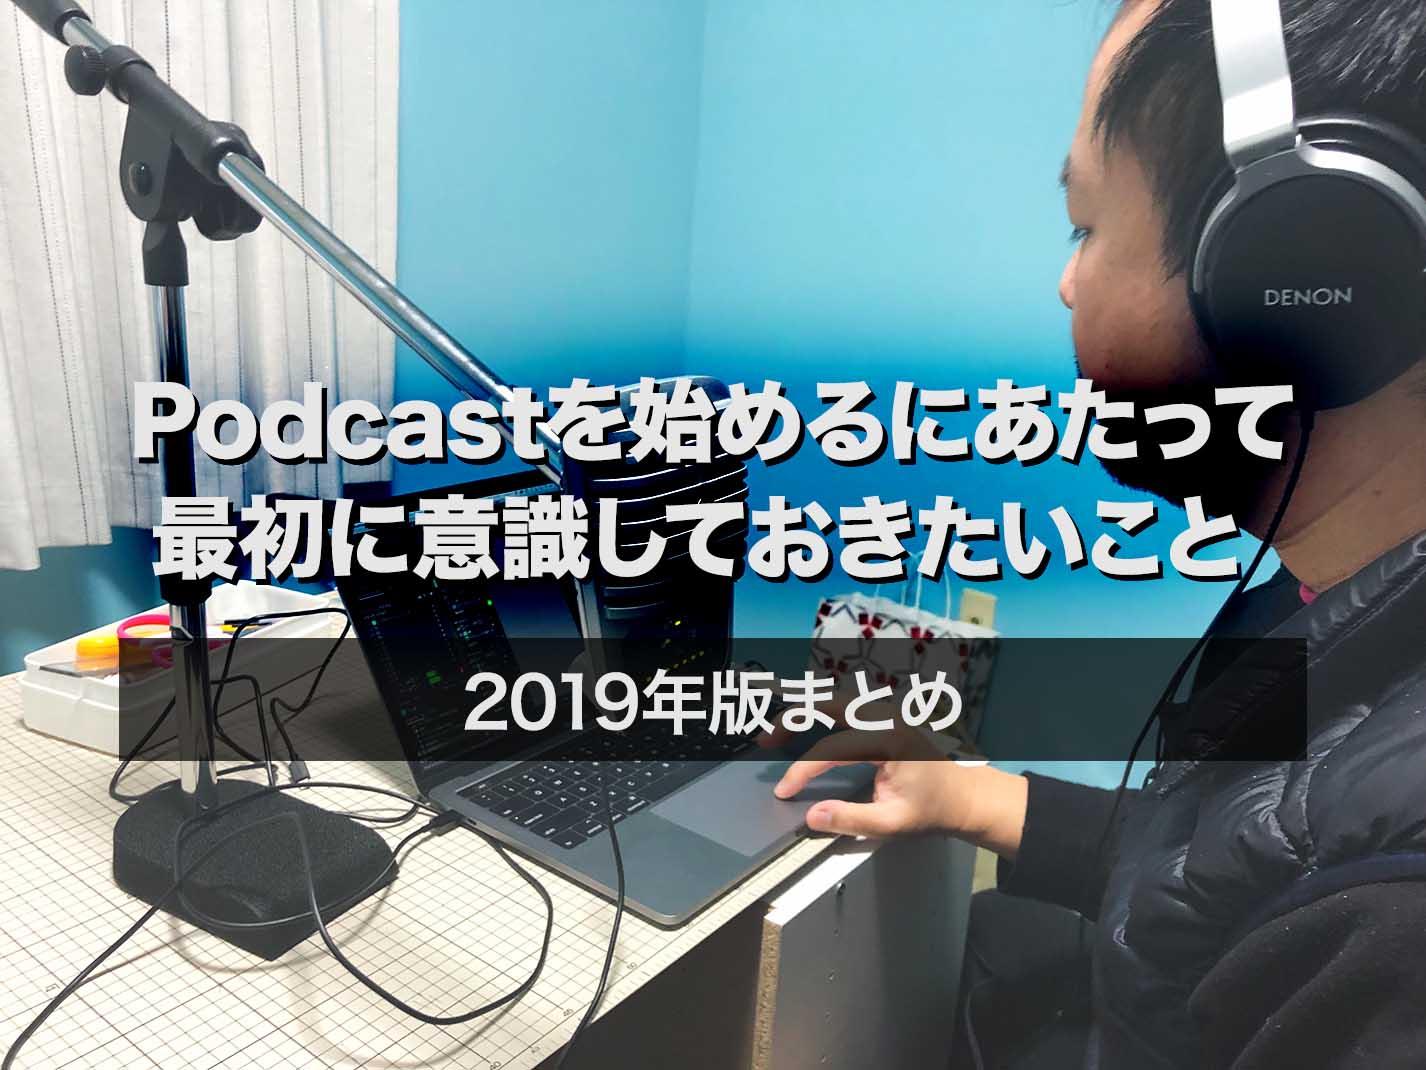 Podcastを始めるにあたって最初に意識しておきたいこと 2019年版まとめ